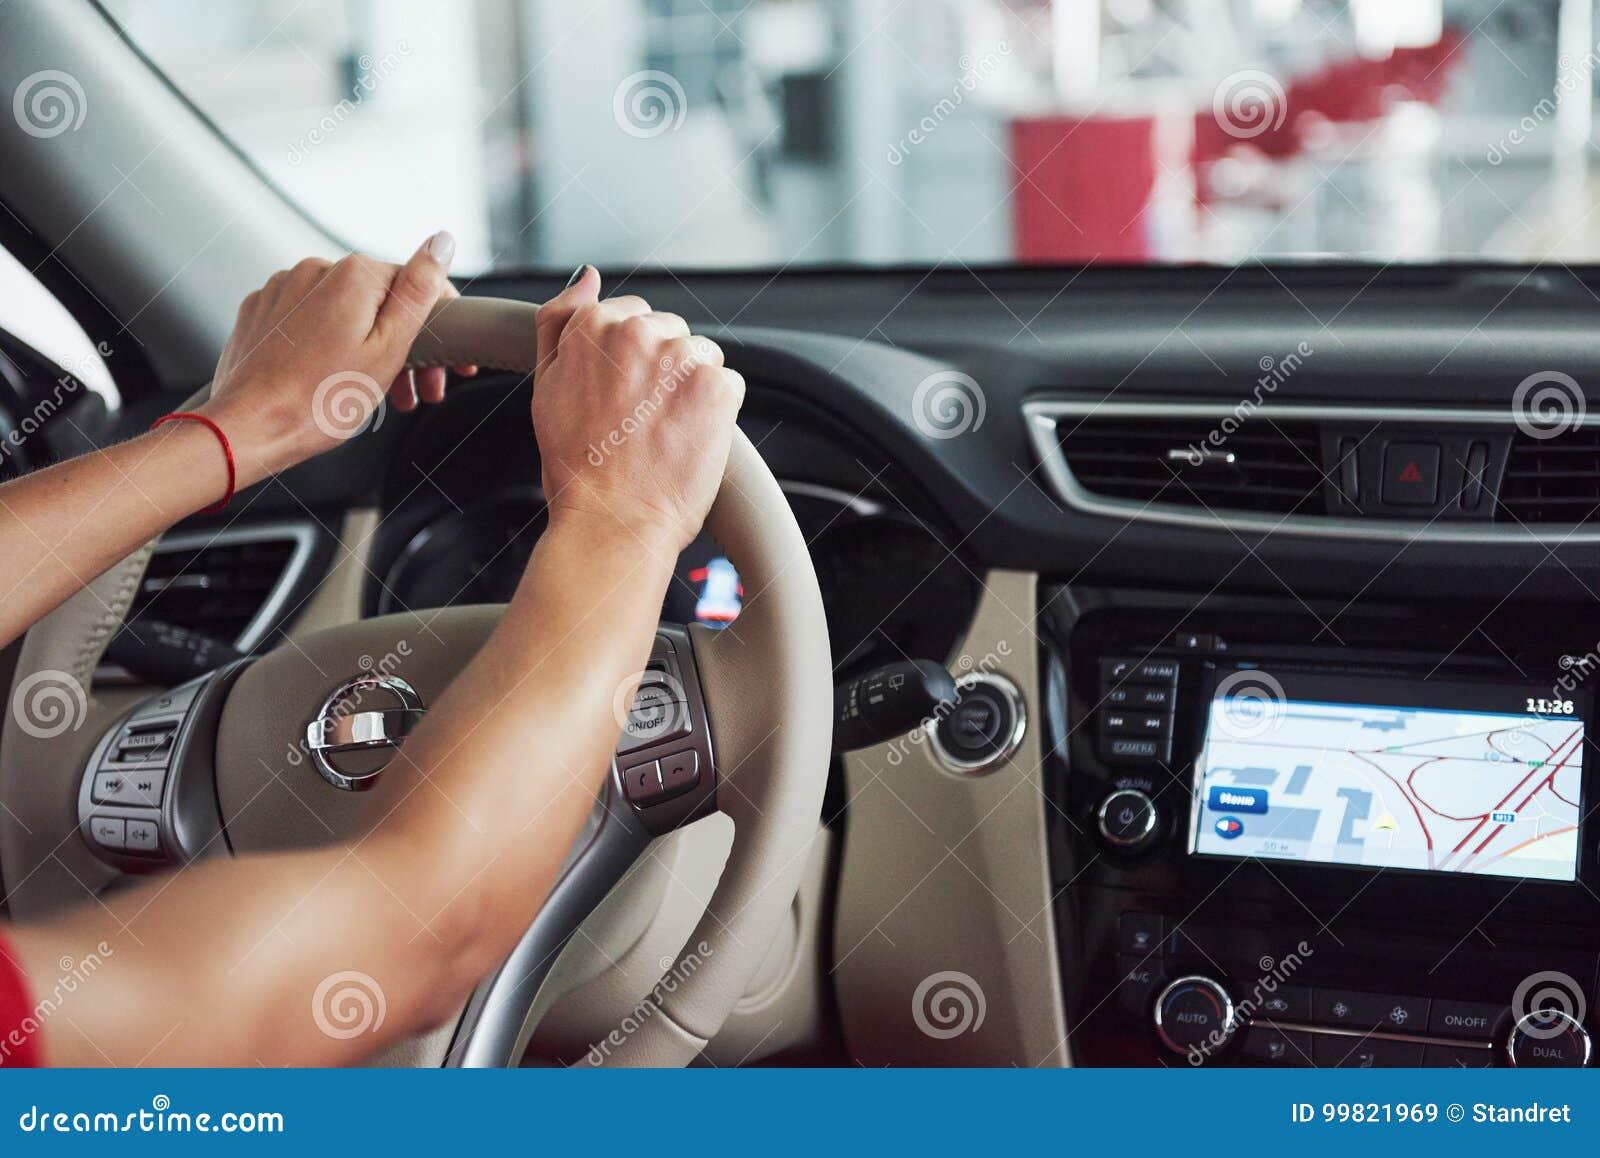 Frau im Innen Auto hält Rad, um lächelnde schauende Passagiere im Rücksitzideen-Taxifahrer gegen sich zu wenden